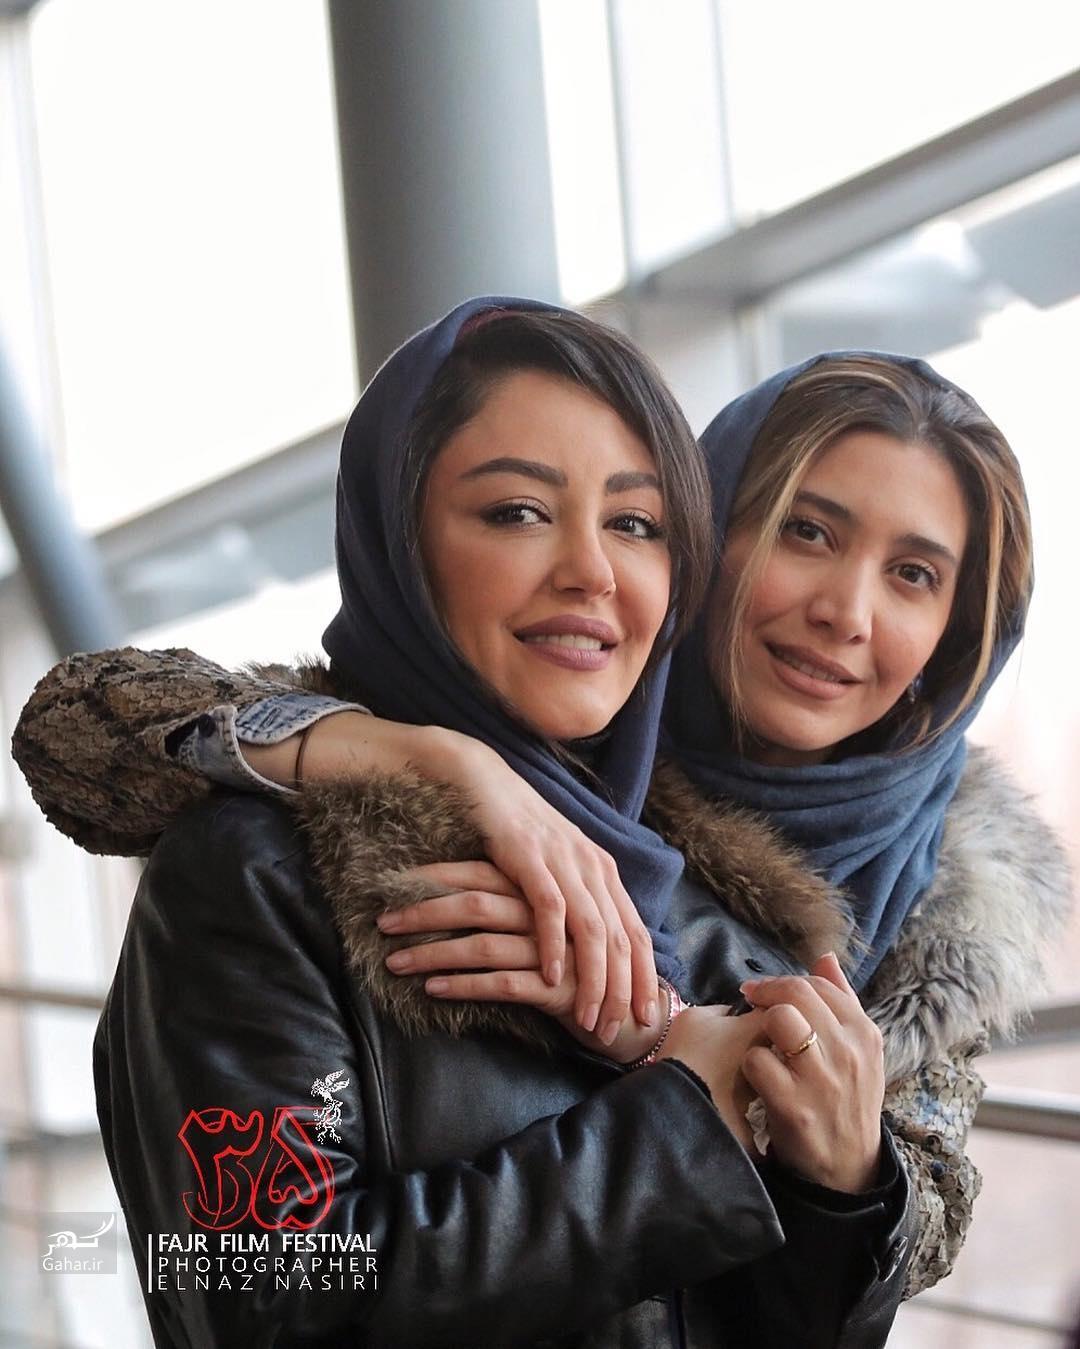 1486273432 عکس های بازیگران در نشست خبری فیلم تابستان داغ ؛ جشنواره فجر 95